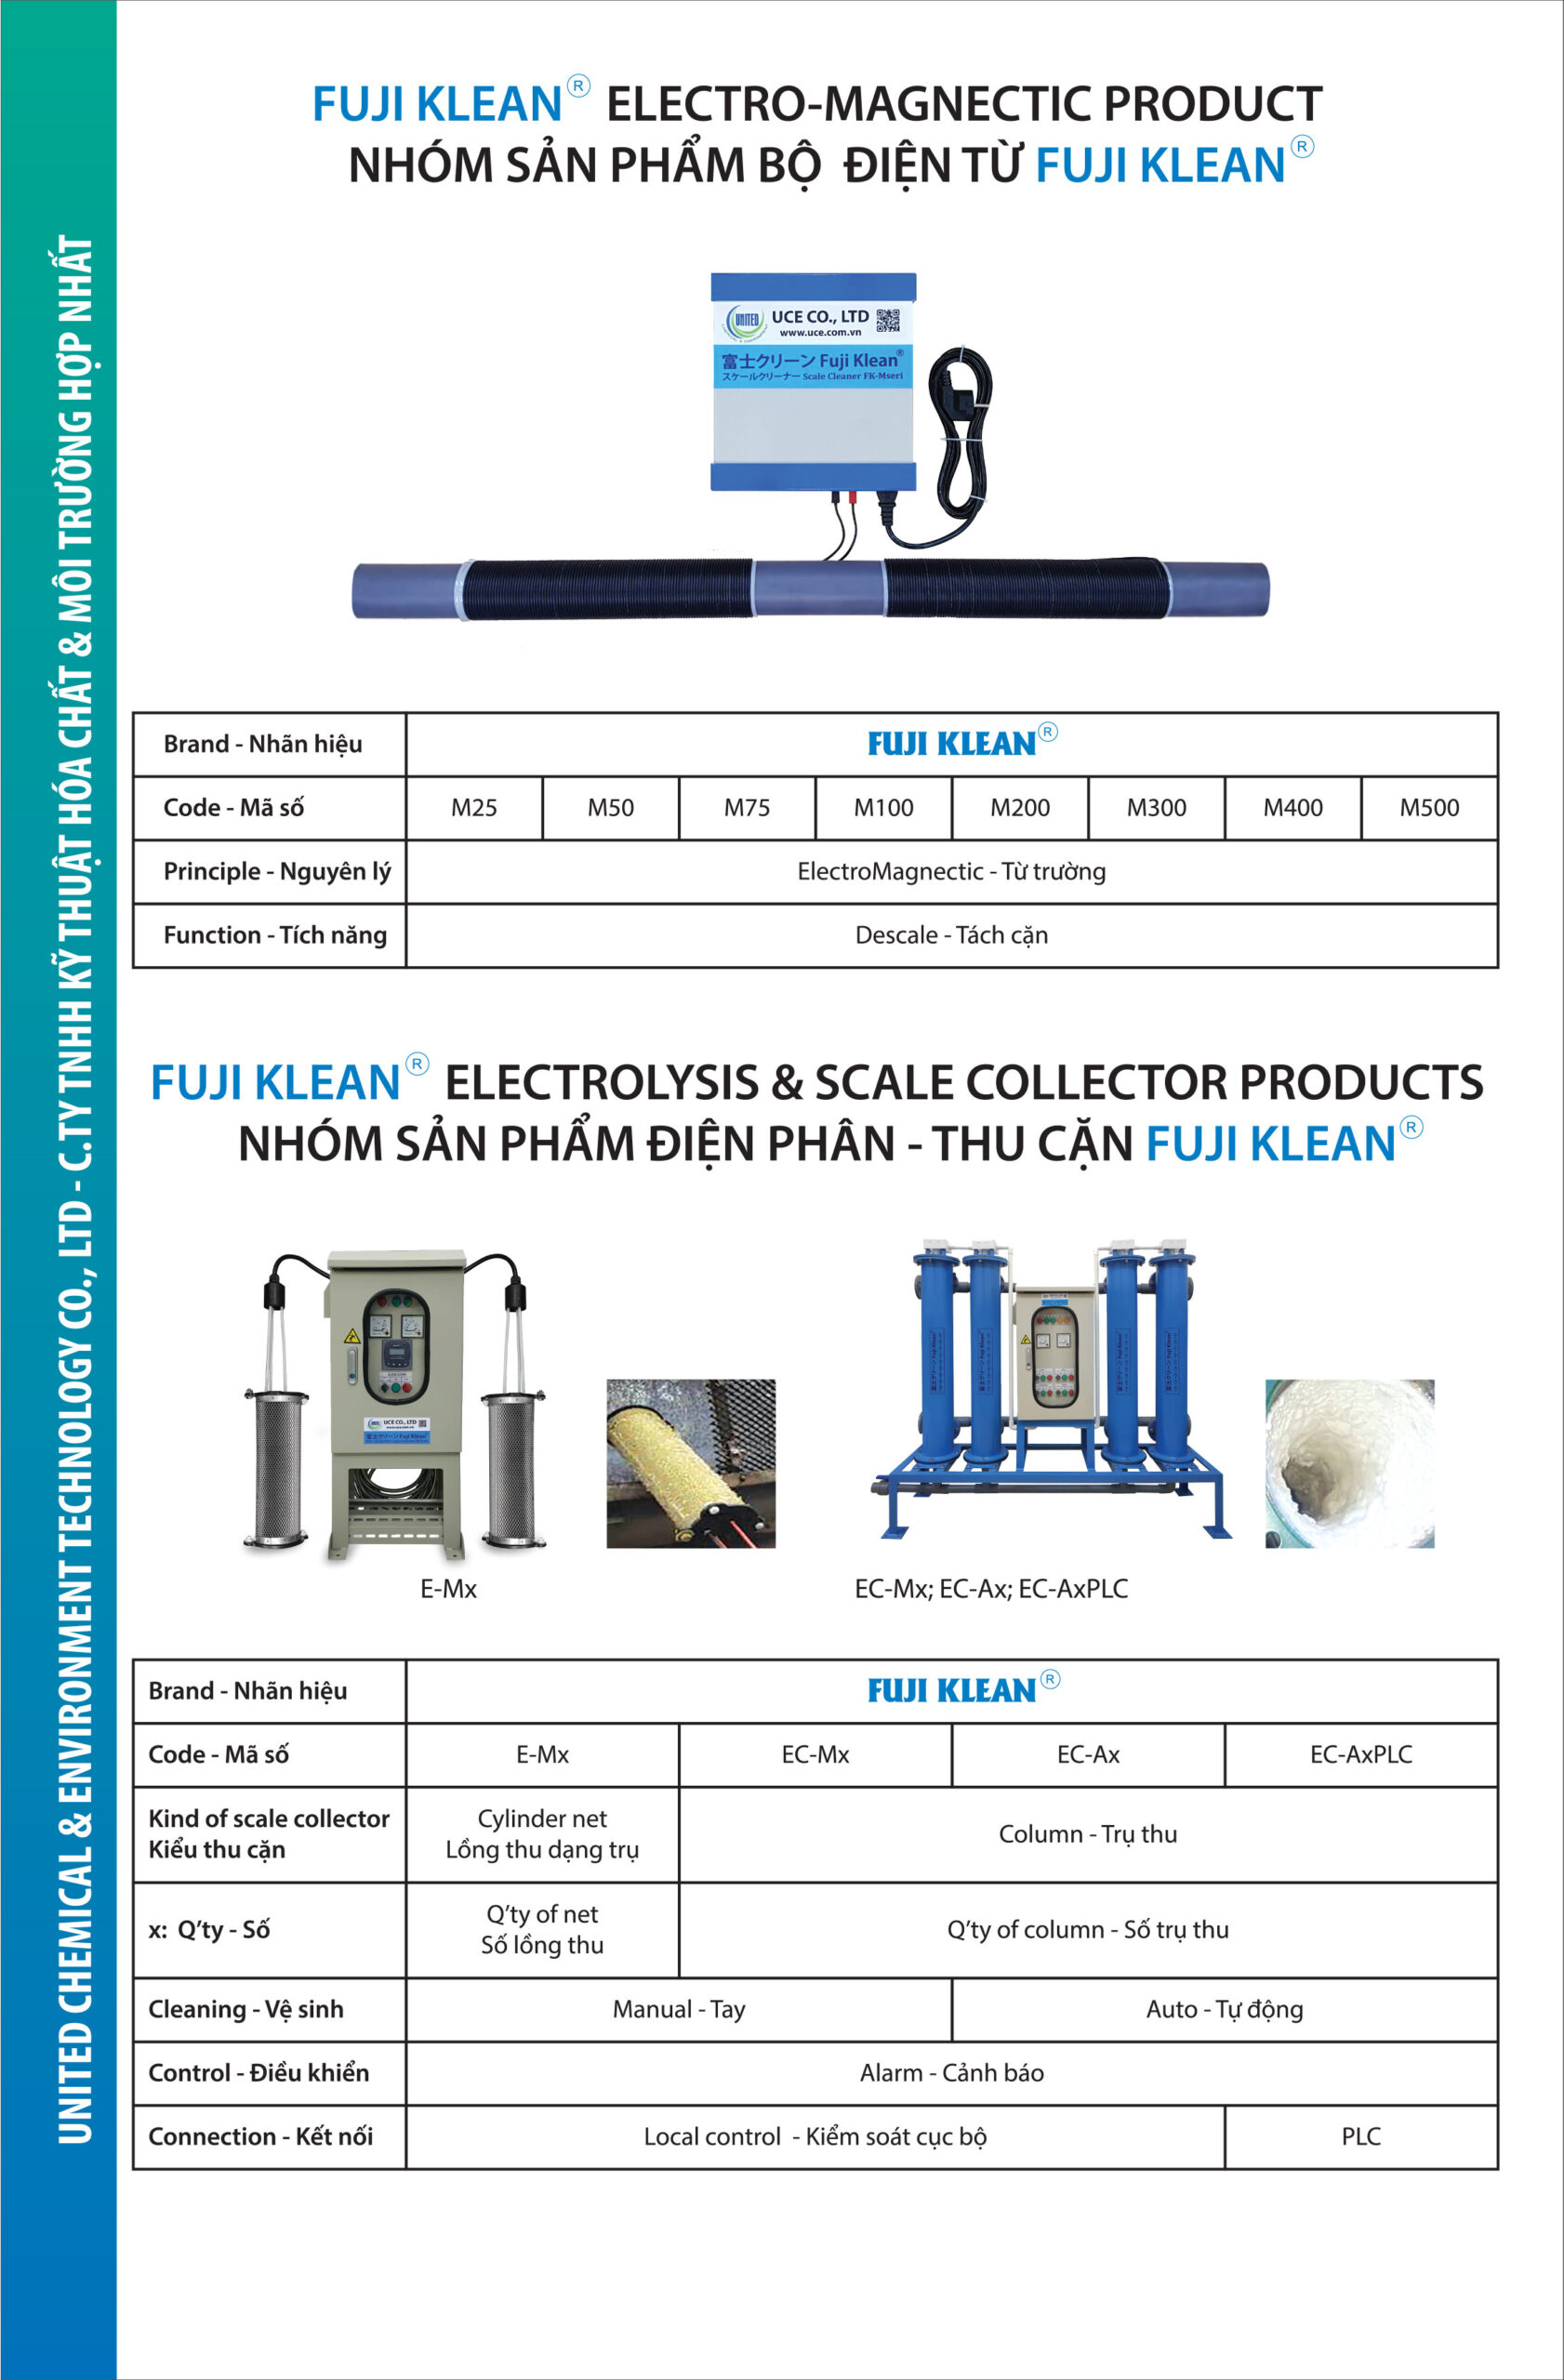 Thiết bị điện phân thu cặn bám FUJI KLEAN - Eseri có nhiều mã cho khách hàng dễ dàng lựa chọn